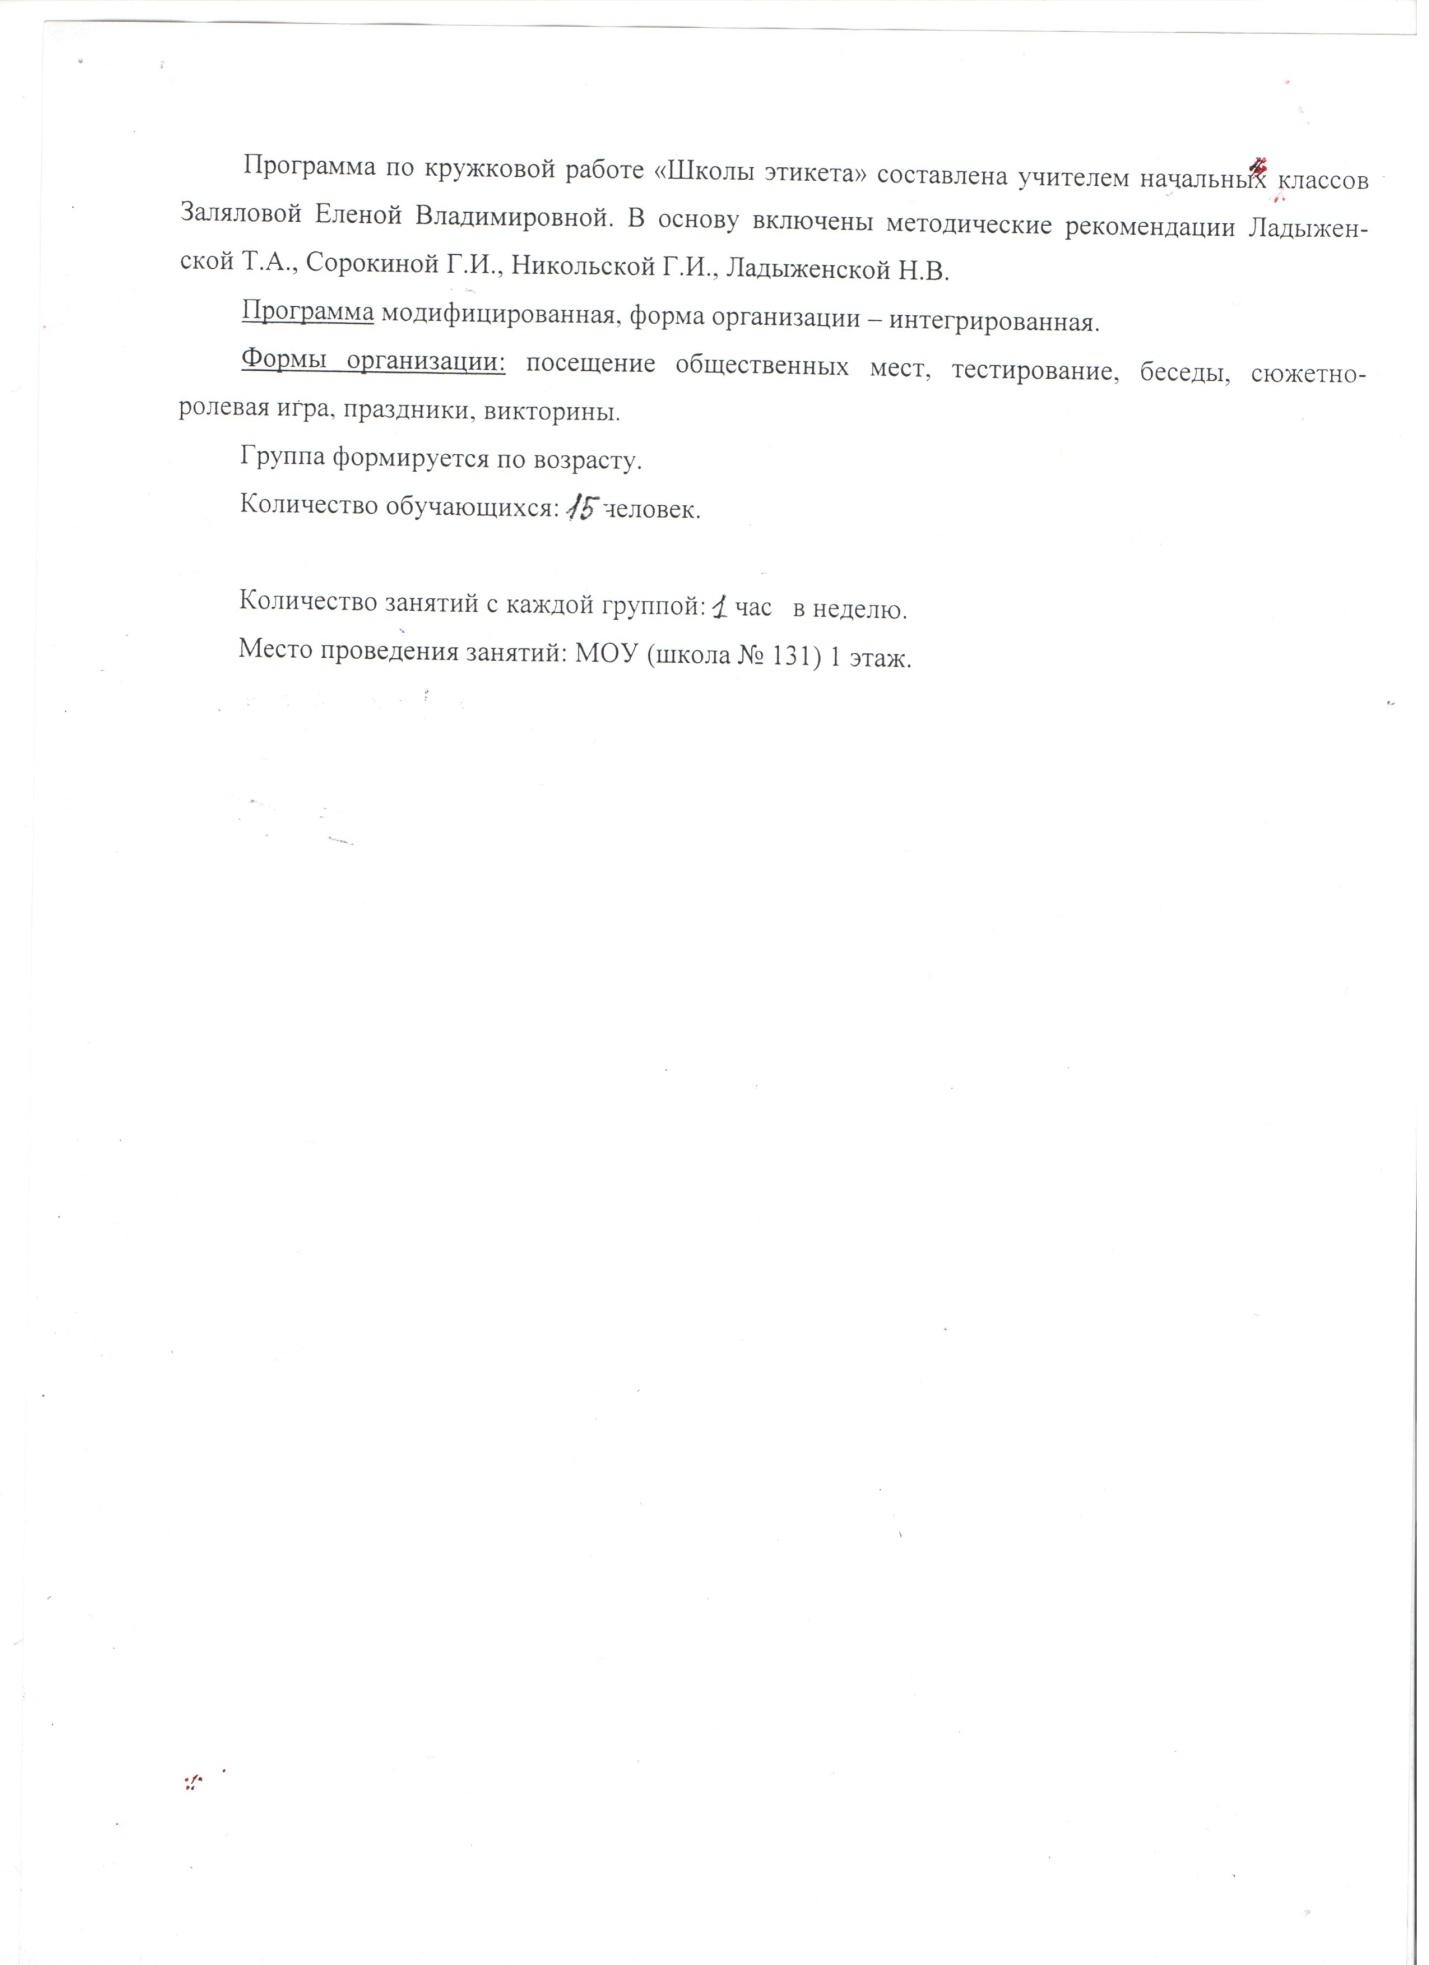 C:\Users\pk0001\Desktop\програма школа этикета\программа 2.jpeg